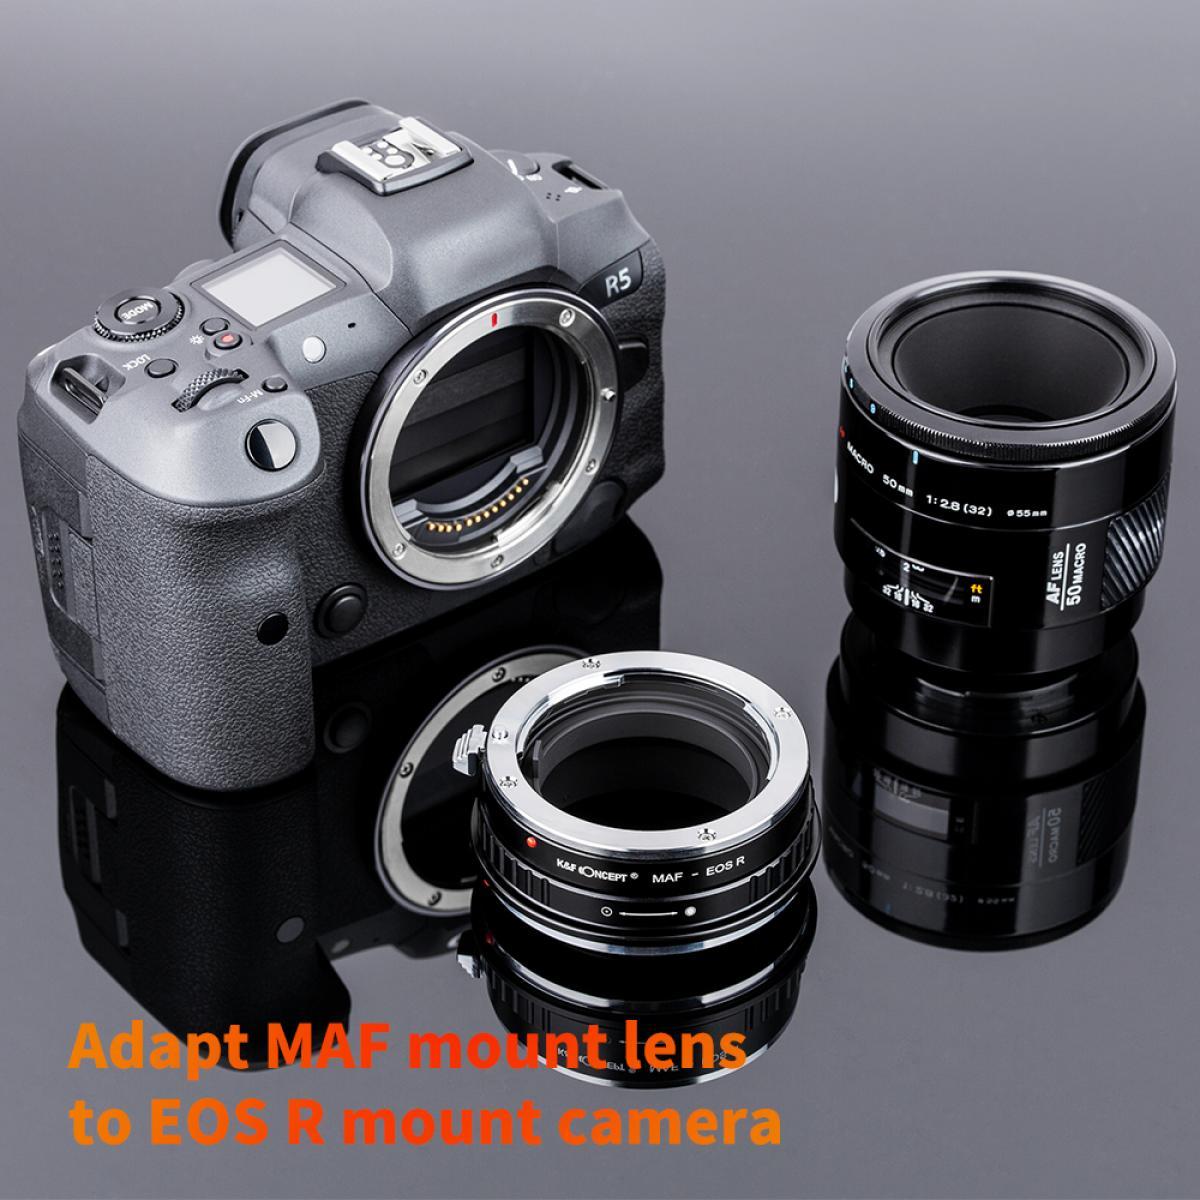 Adapter Obiektyw Sony A do Korpusów Canon EOS R